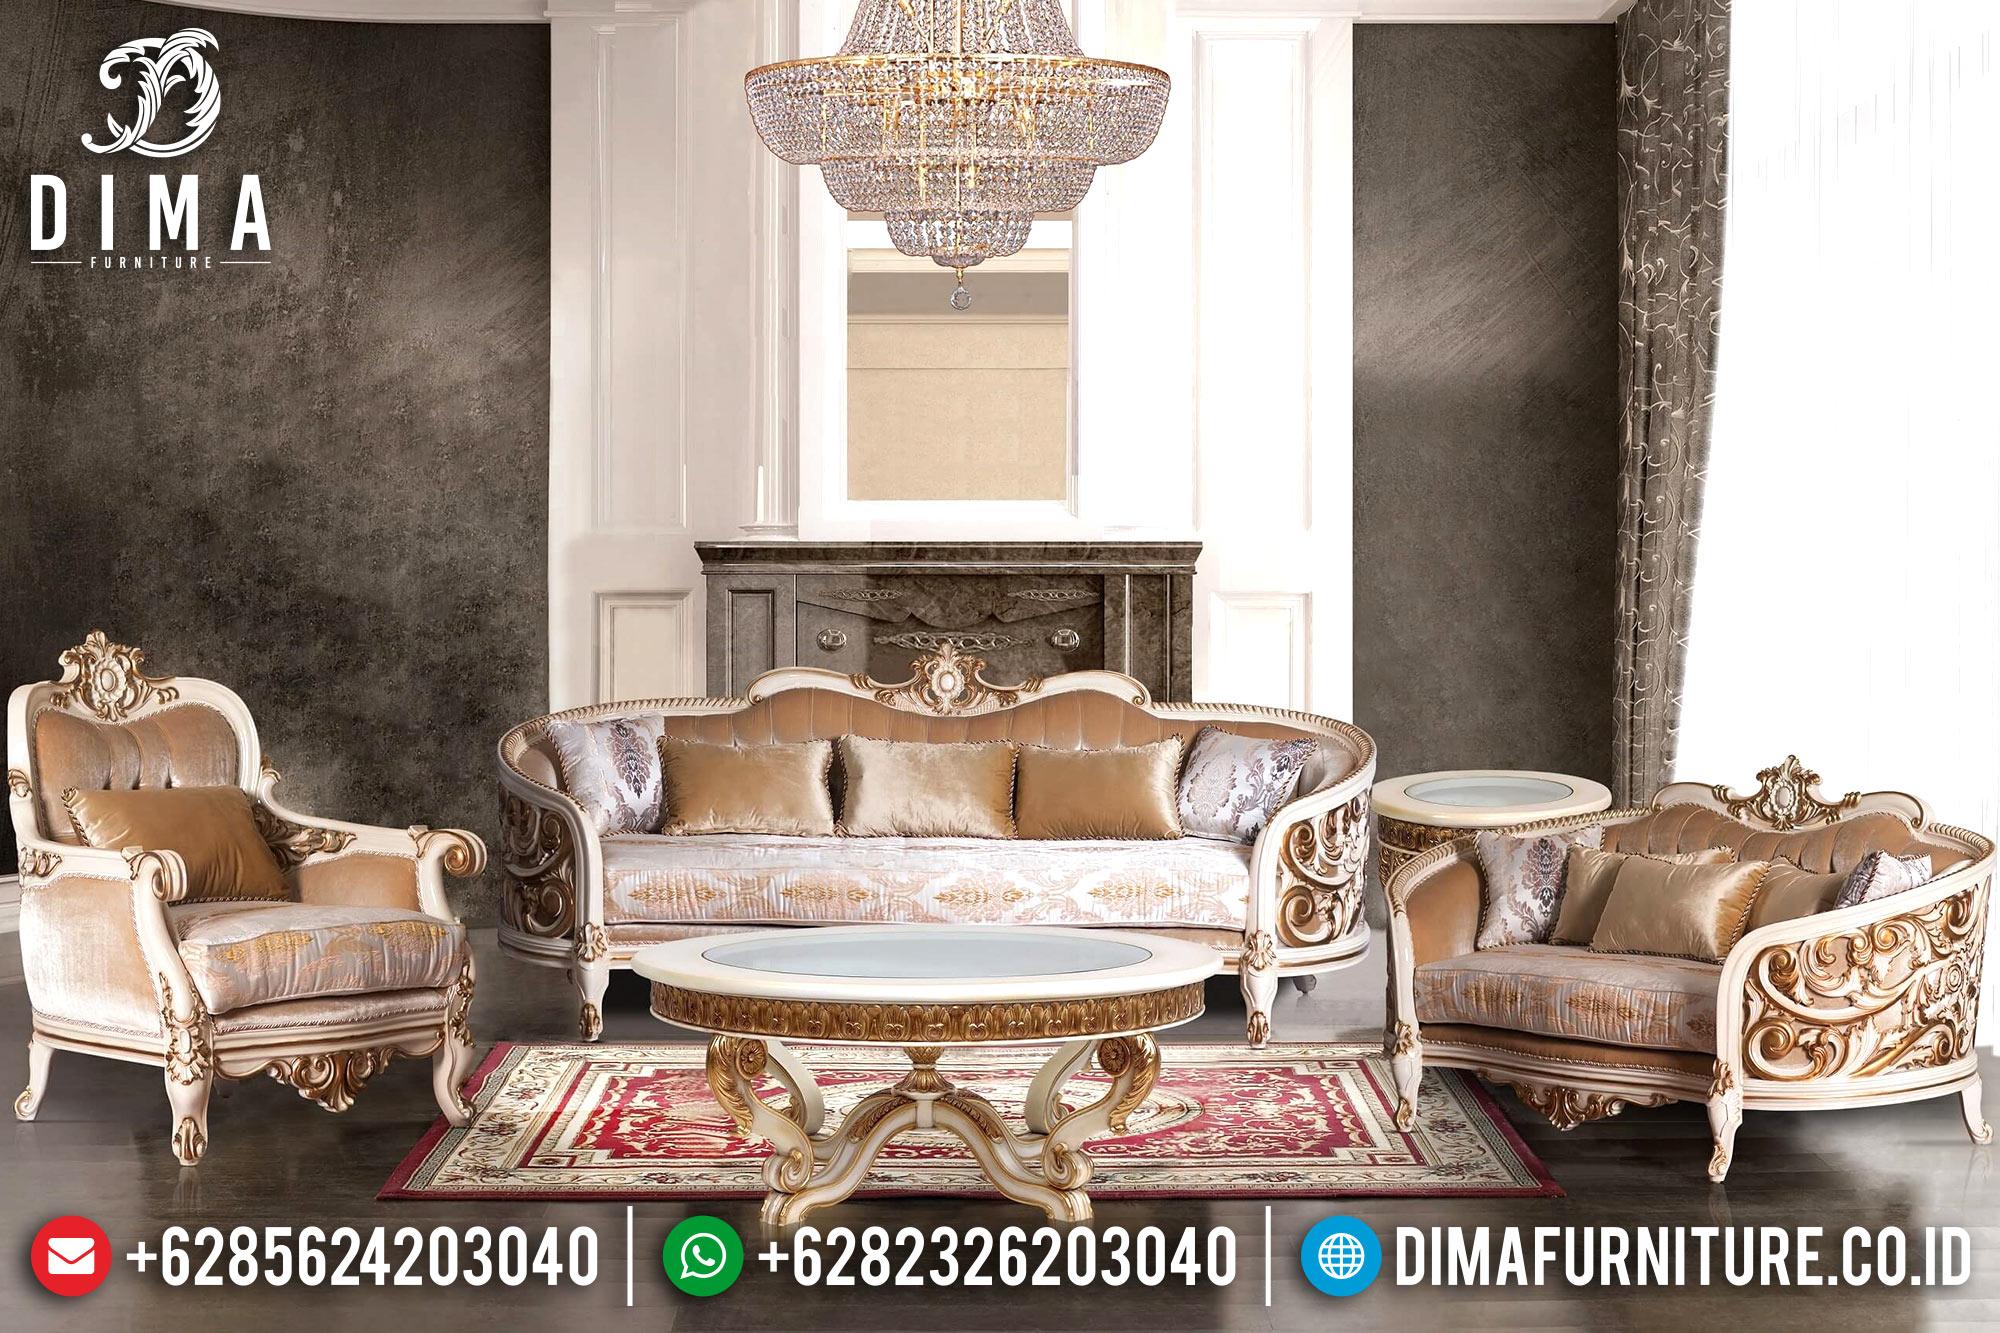 Furniture Indonesia Sofa Tamu Jepara Mewah Ukiran Klasik Putih Emas DF-0710